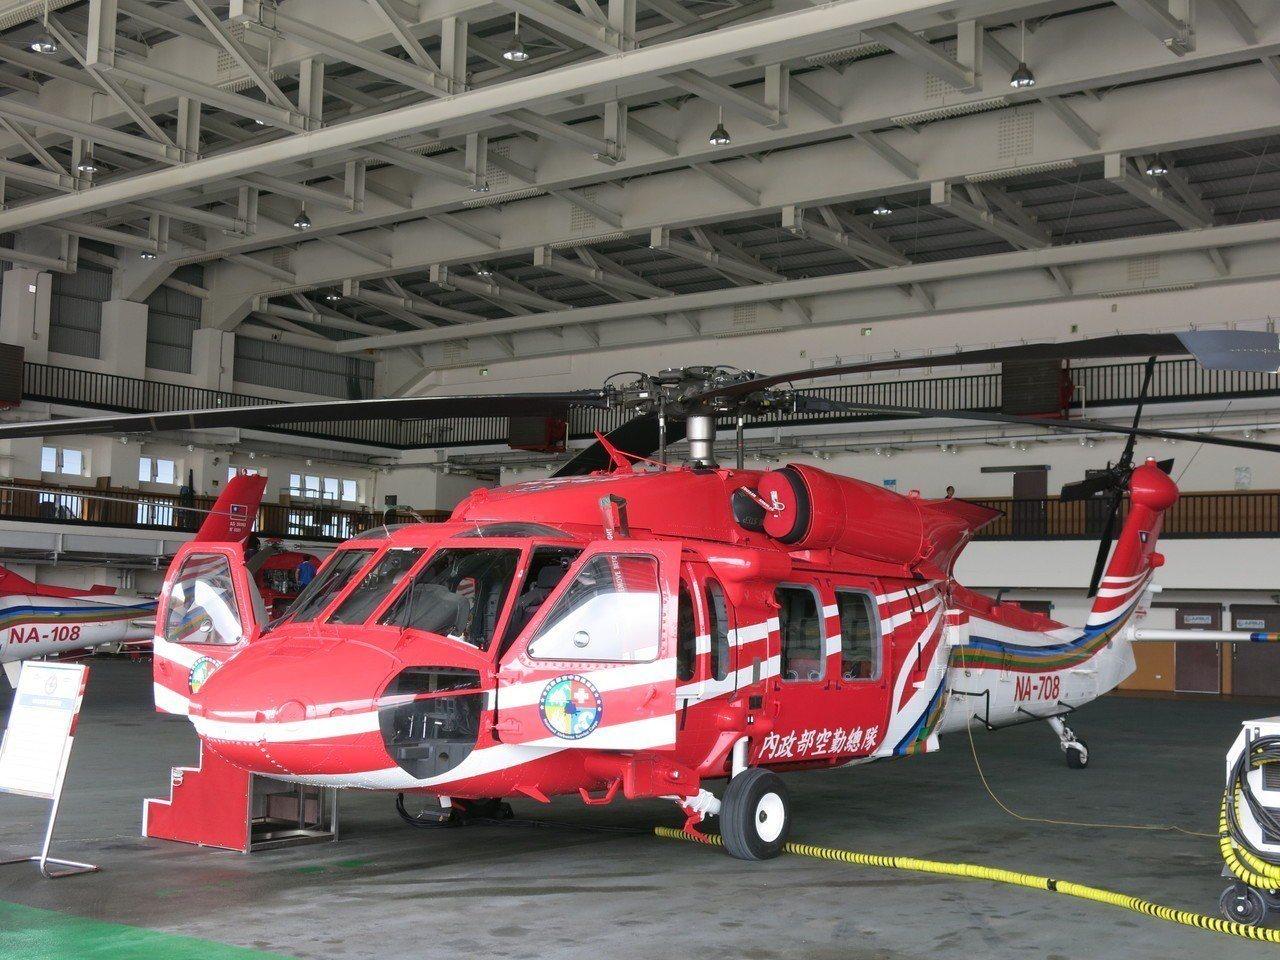 黑鷹直升機以其大馬力性能,目前是國內高山空勤救援的主力機種。記者黑中亮/攝影